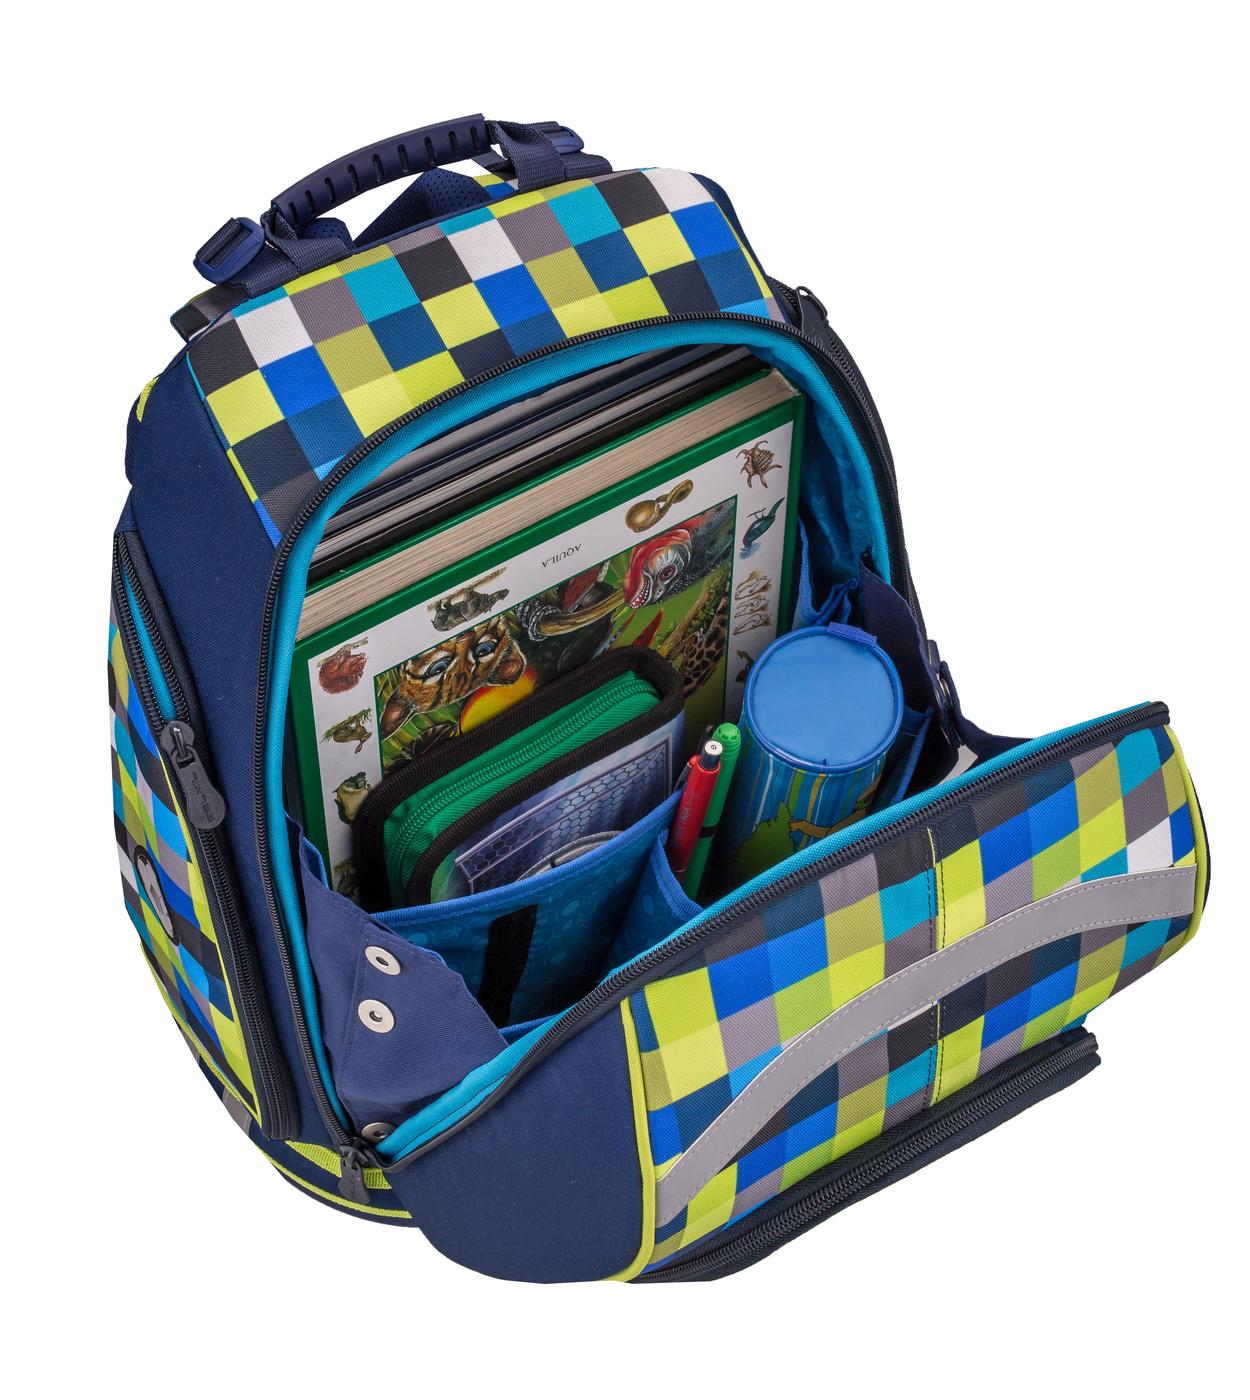 Подростковый рюкзак Belmil FUNCTIONAL 405-37 GAMES, - фото 2